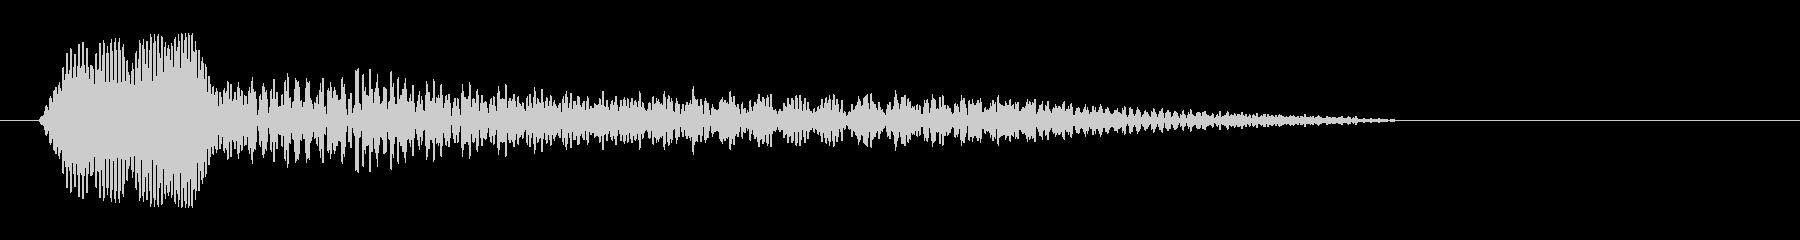 プワェー(電子的な音)の未再生の波形